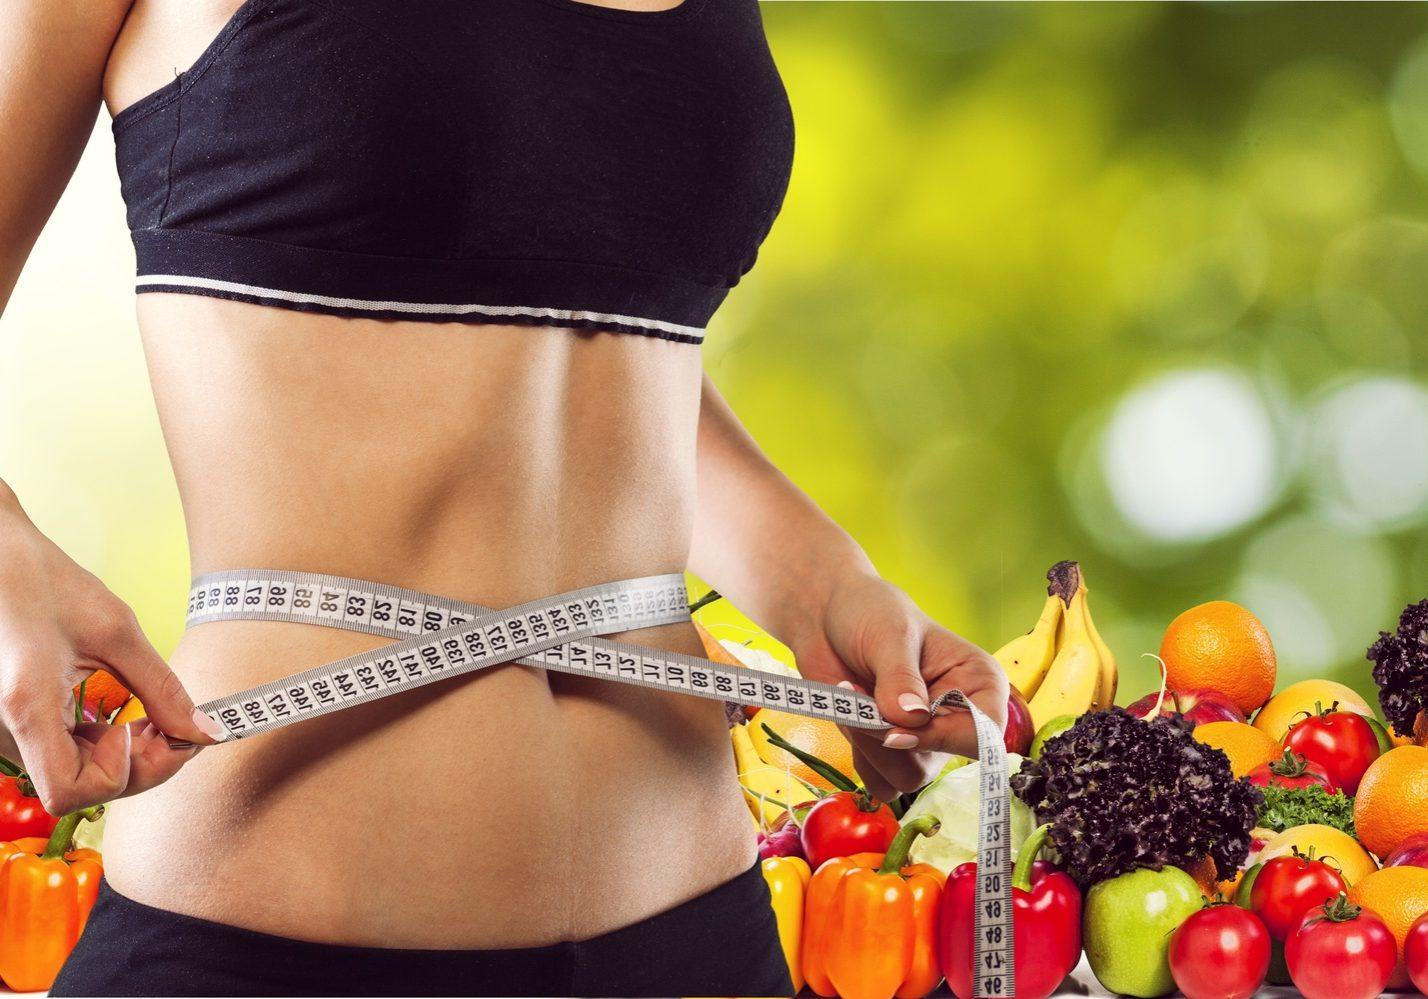 Время Бы Похудеть. Как правильно питаться, чтобы похудеть?